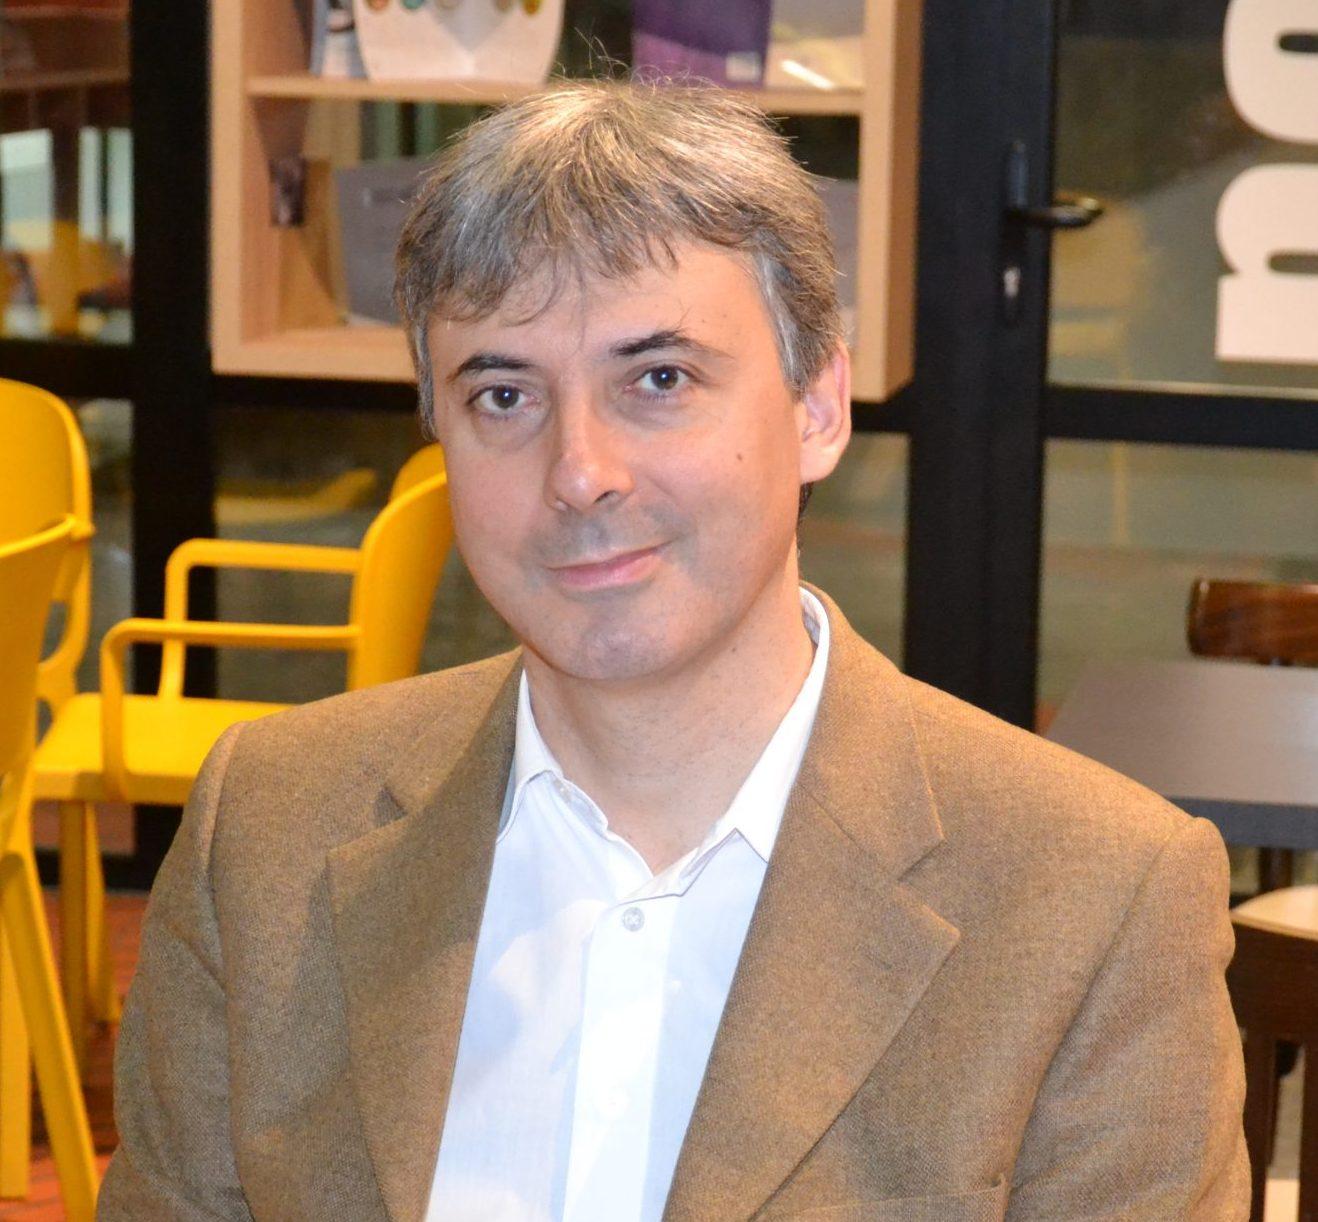 Damir Smiljanić